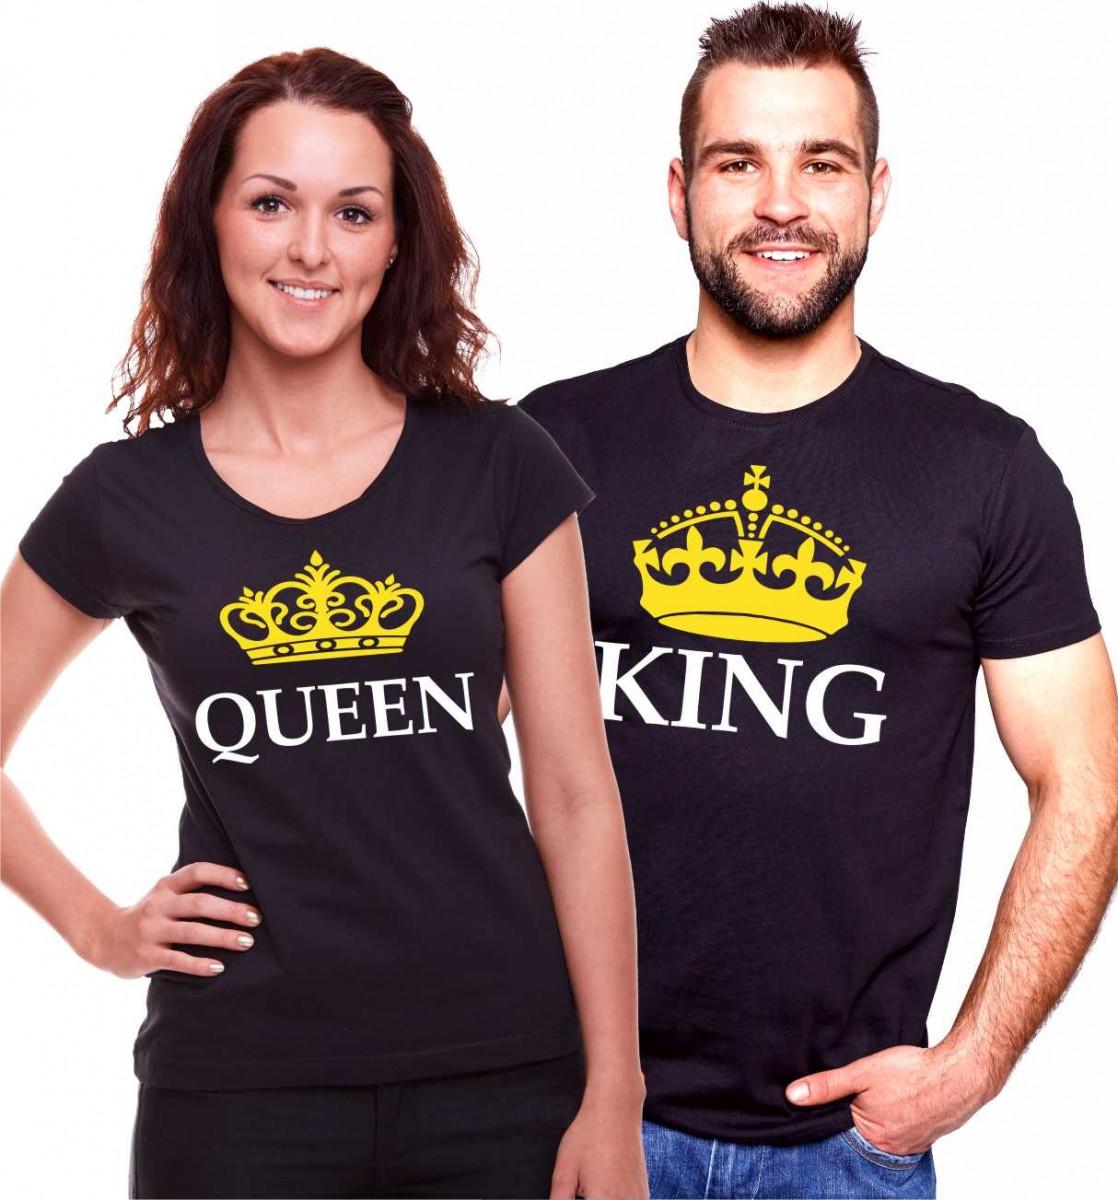 262cbde3f9c Pánské   dámské tričko KING - QUEEN (král   královna)